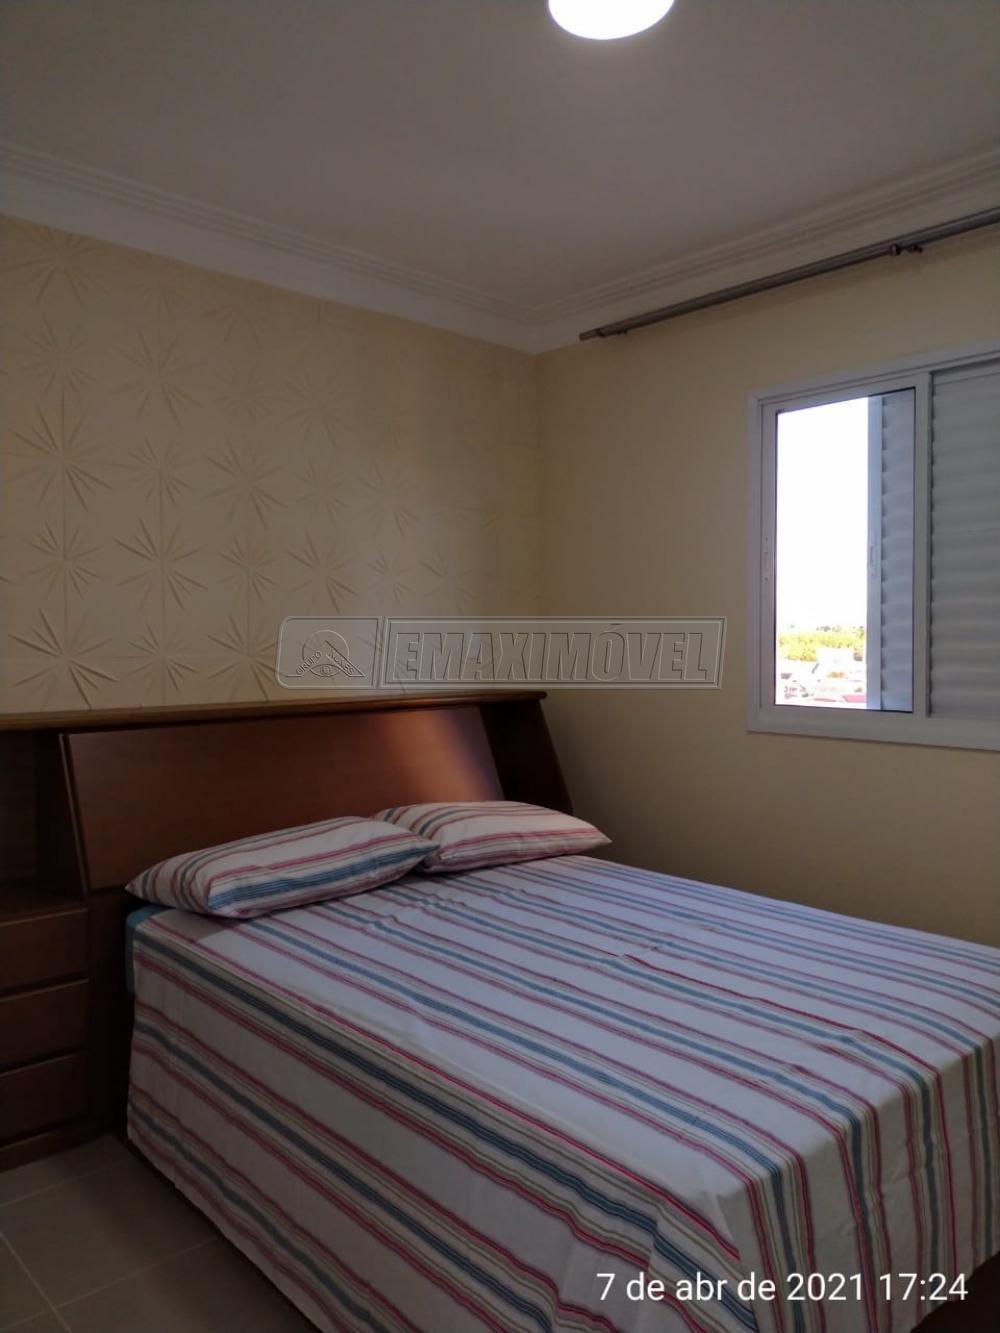 Comprar Apartamentos / Apto Padrão em Sorocaba R$ 280.000,00 - Foto 20